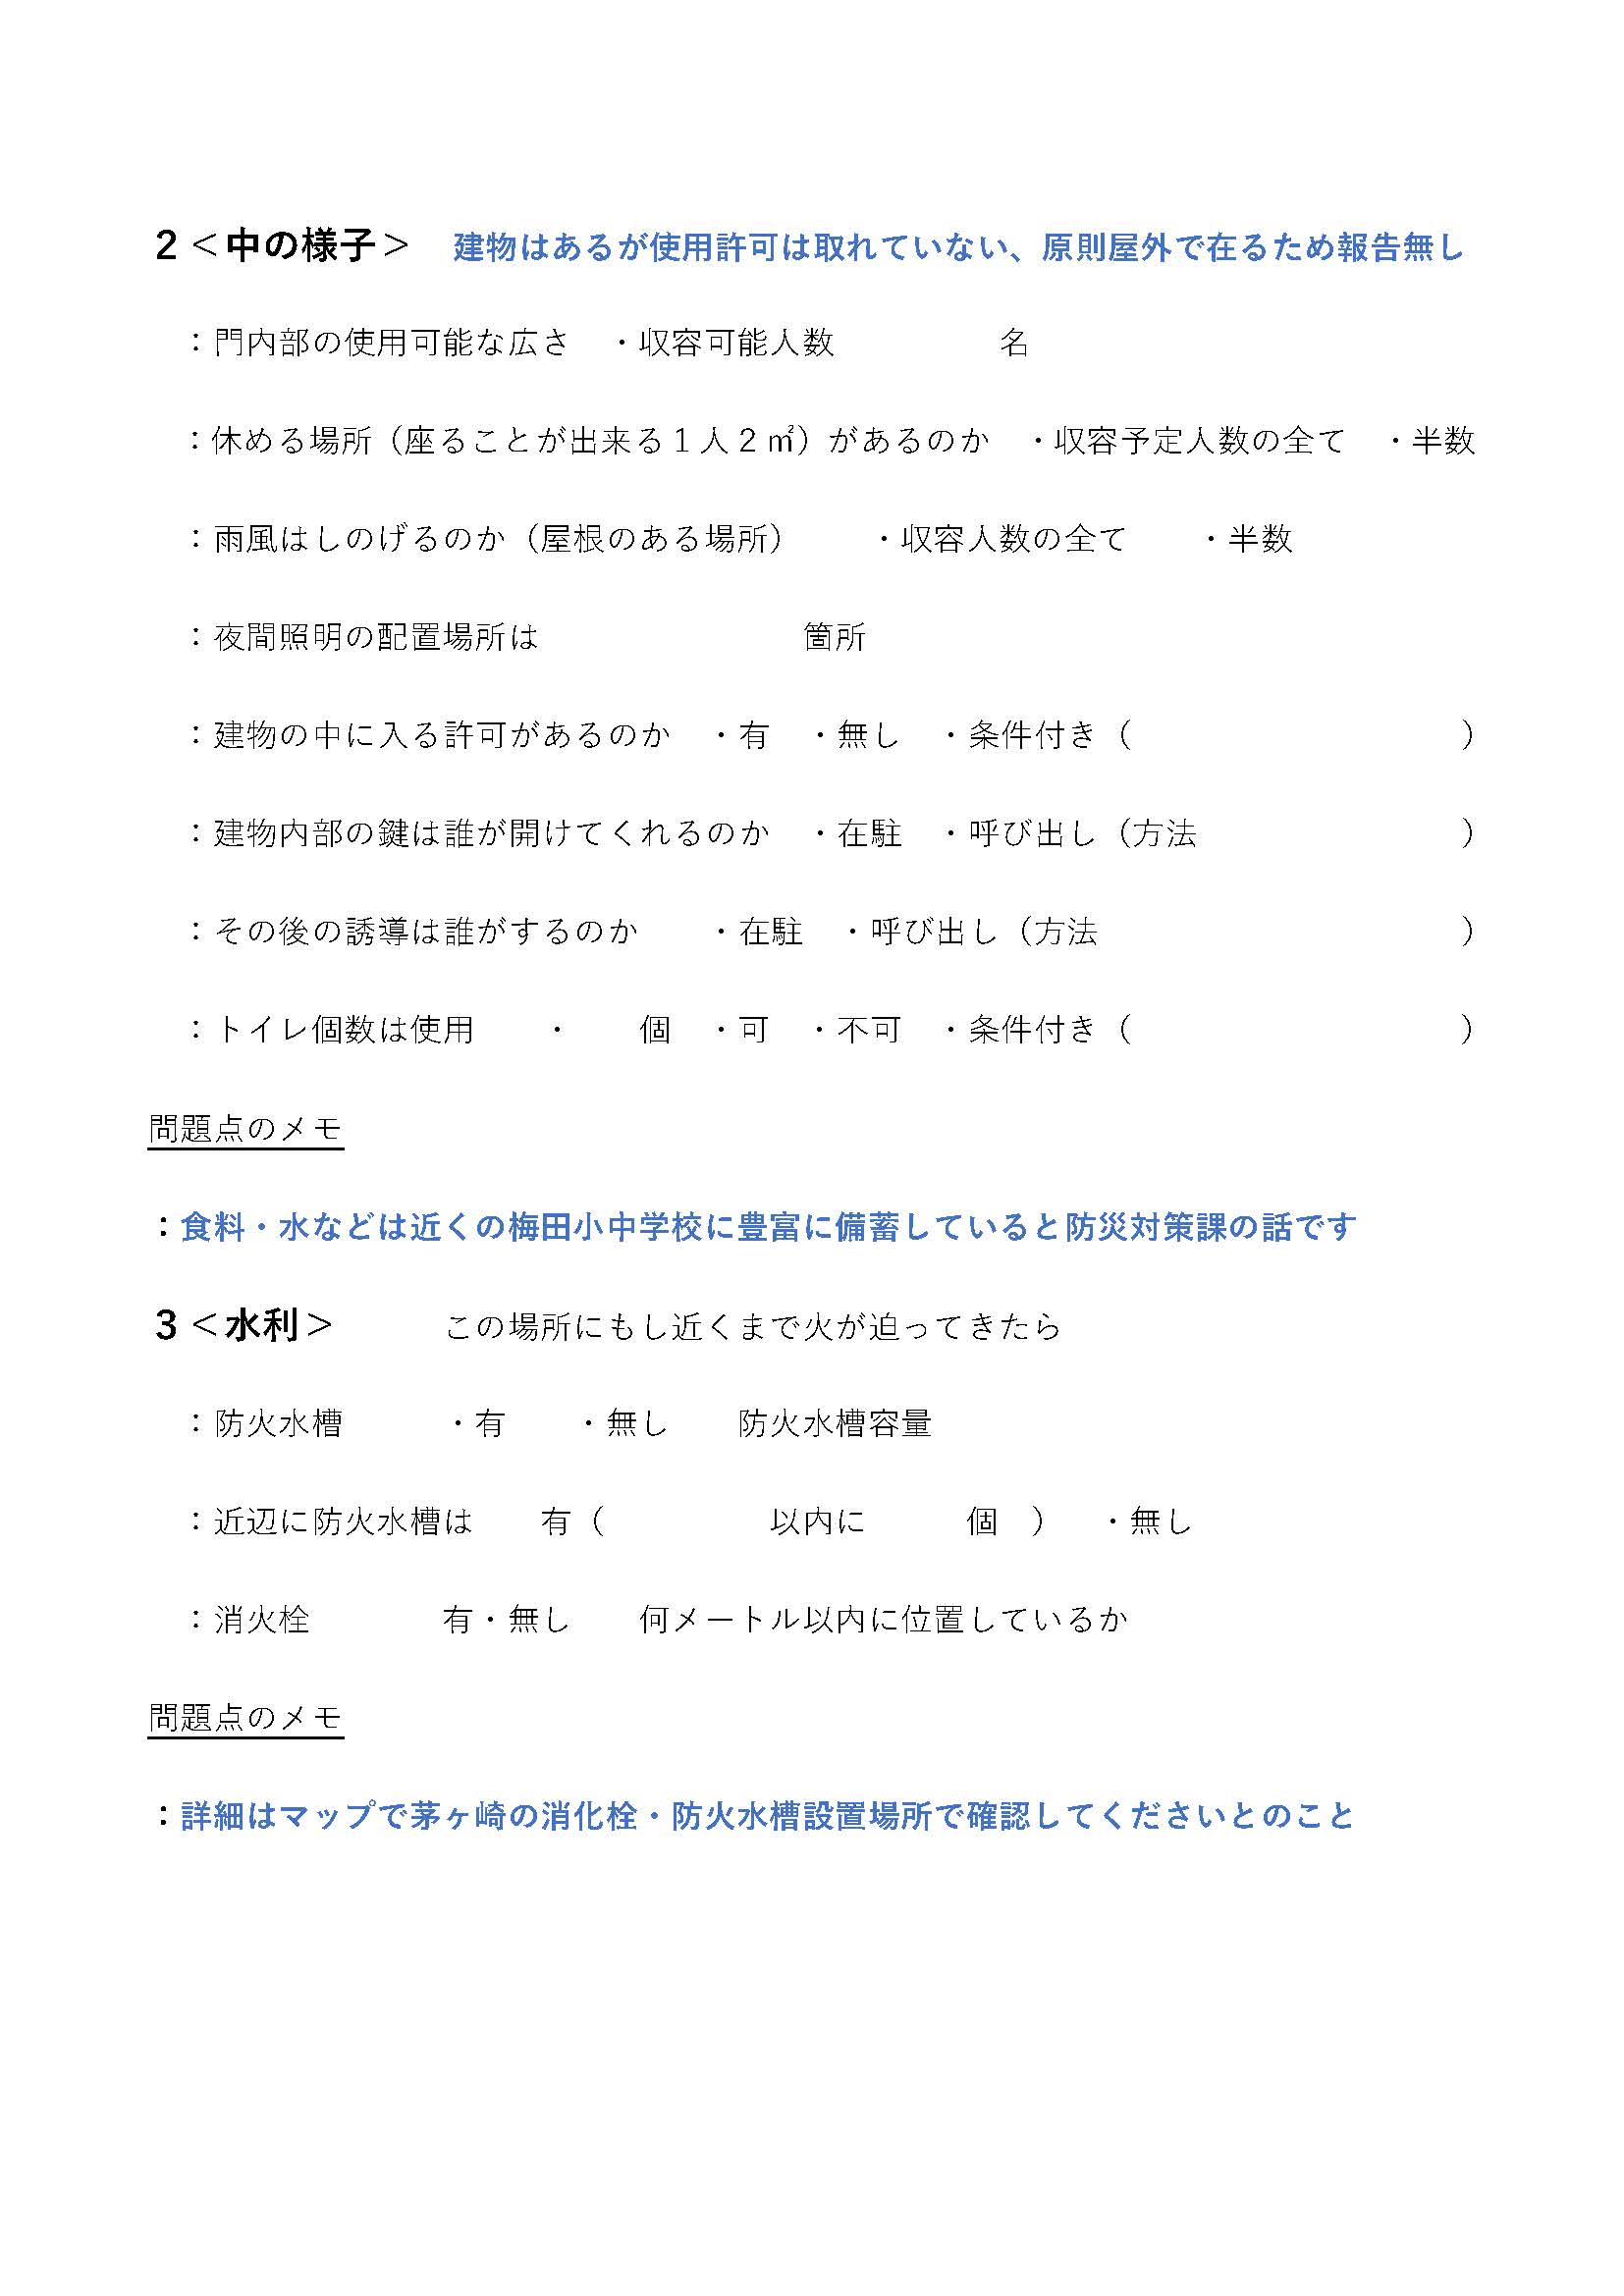 1-5新ーJパワー新広域指定ーマザーアース茅ヶ崎広域避難場所チェックシート_ページ_2